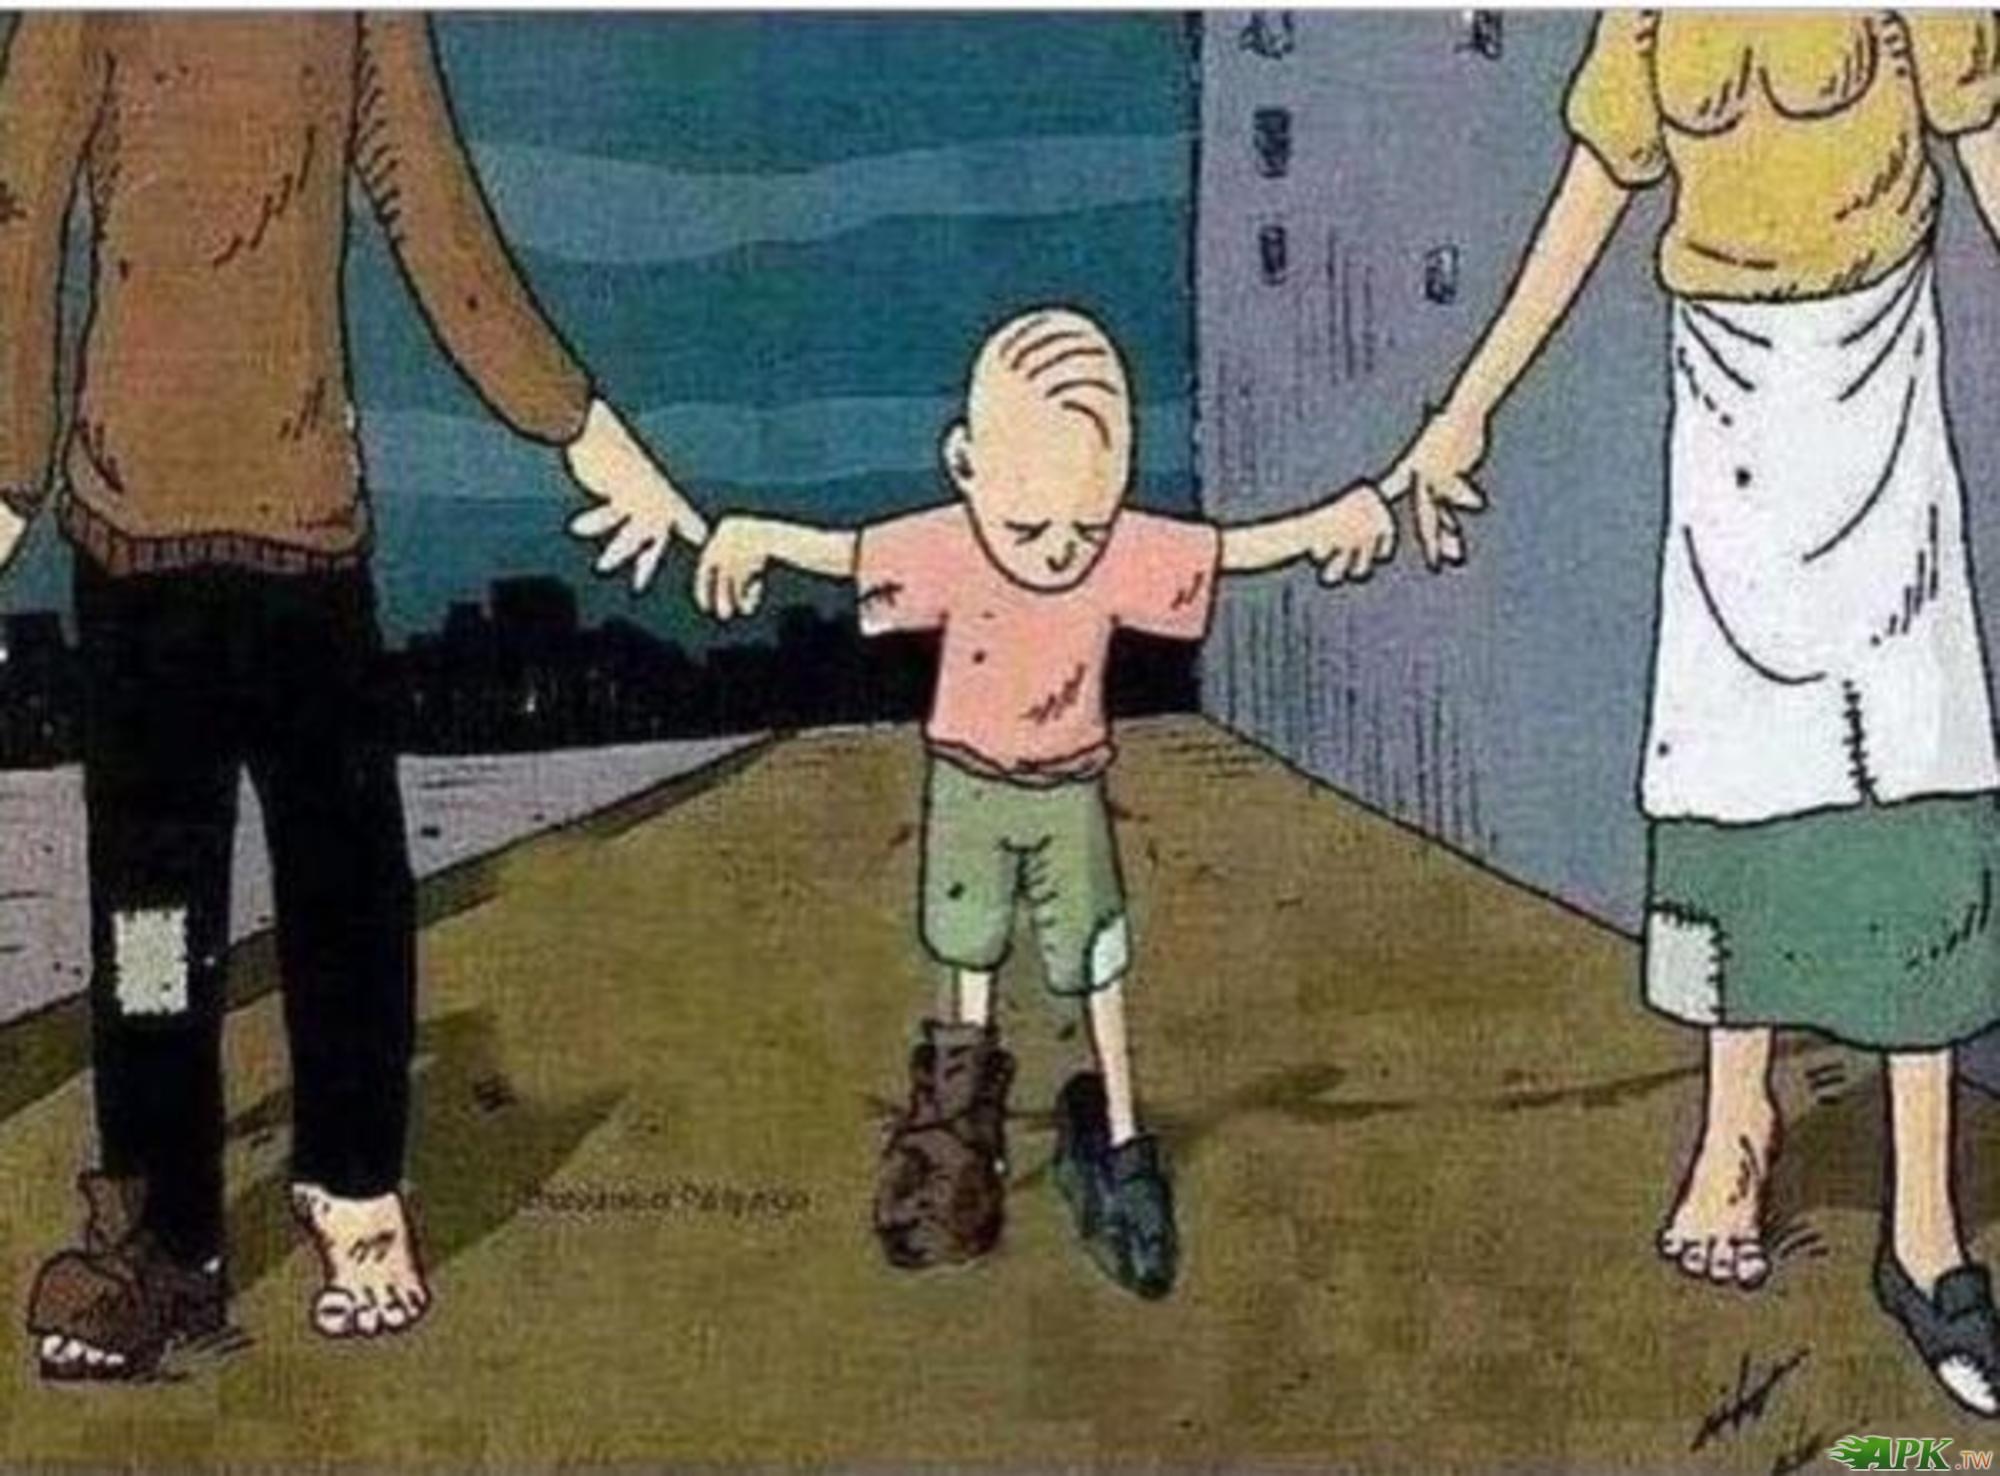 不要抱怨你父母給你的東西不夠好,那可能是他們的所有了-1.jpg